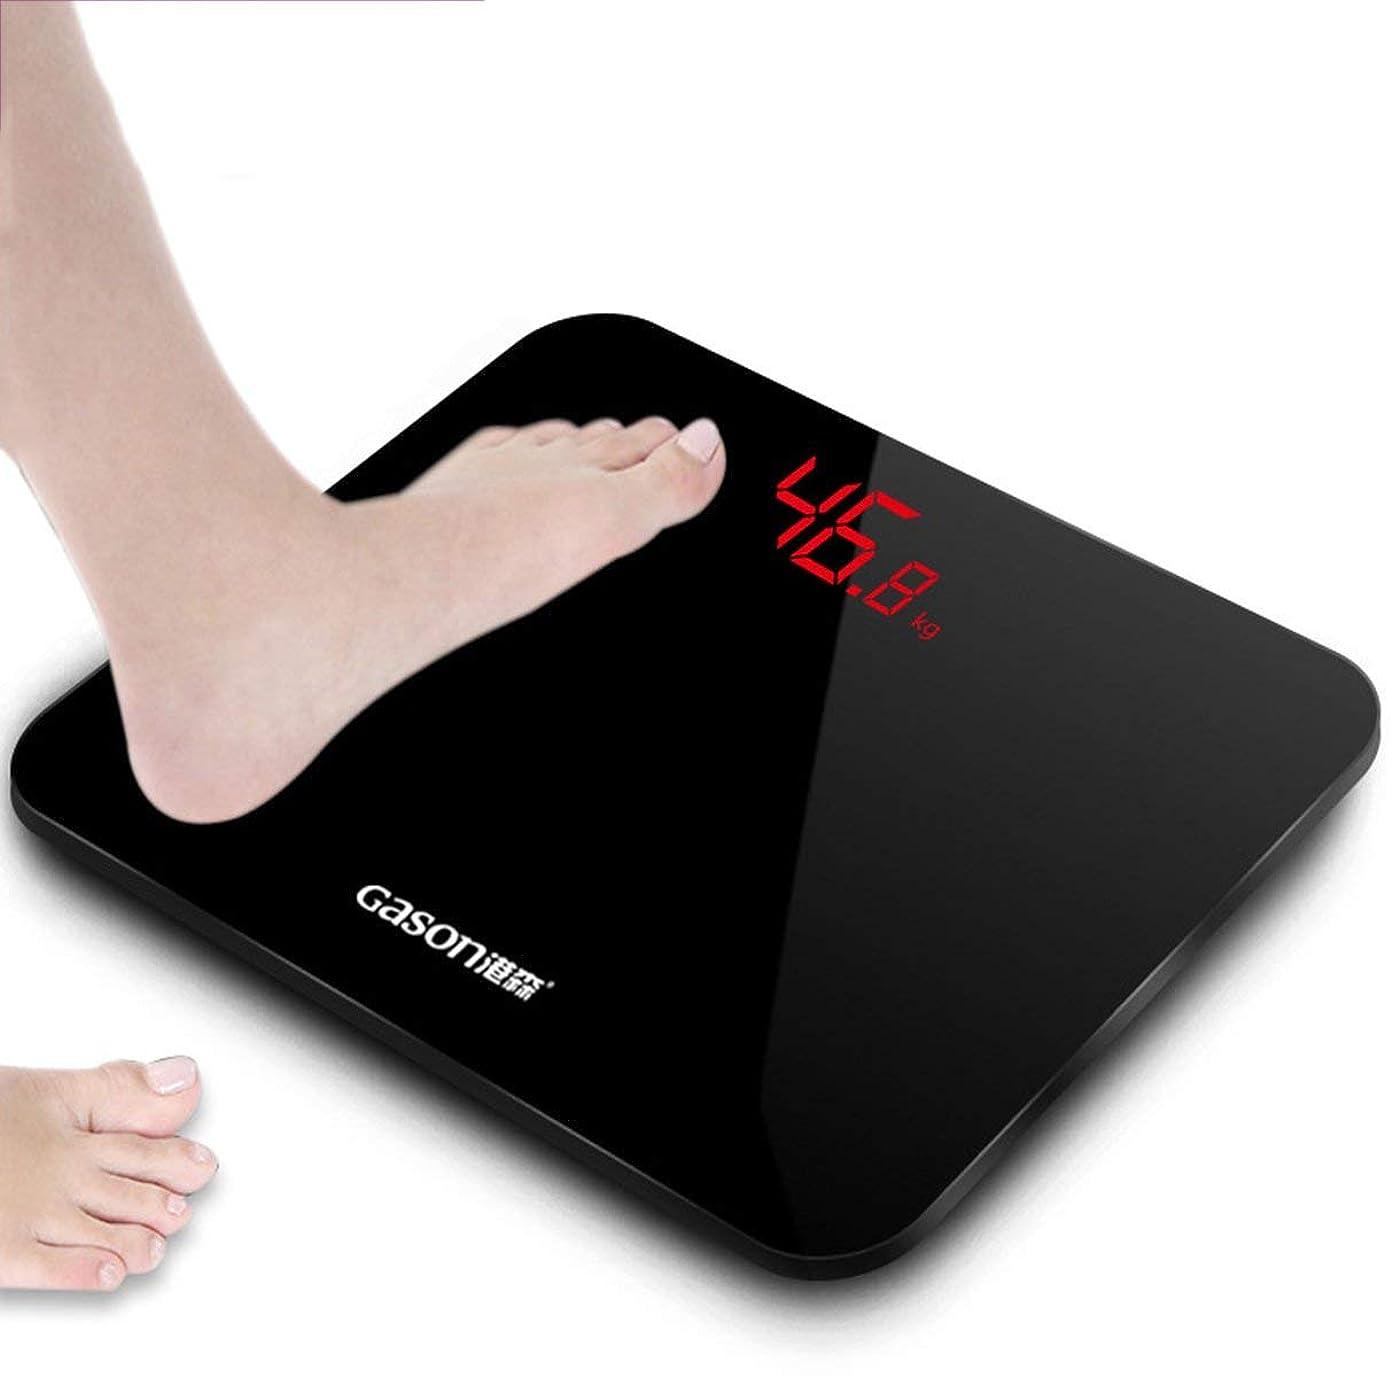 エンゲージメント見る泥だらけGASON-A3 Anti-slip Scale Feet Bathroom Floor Scales Smart Electronic Digital LED Display Household Scales Machine